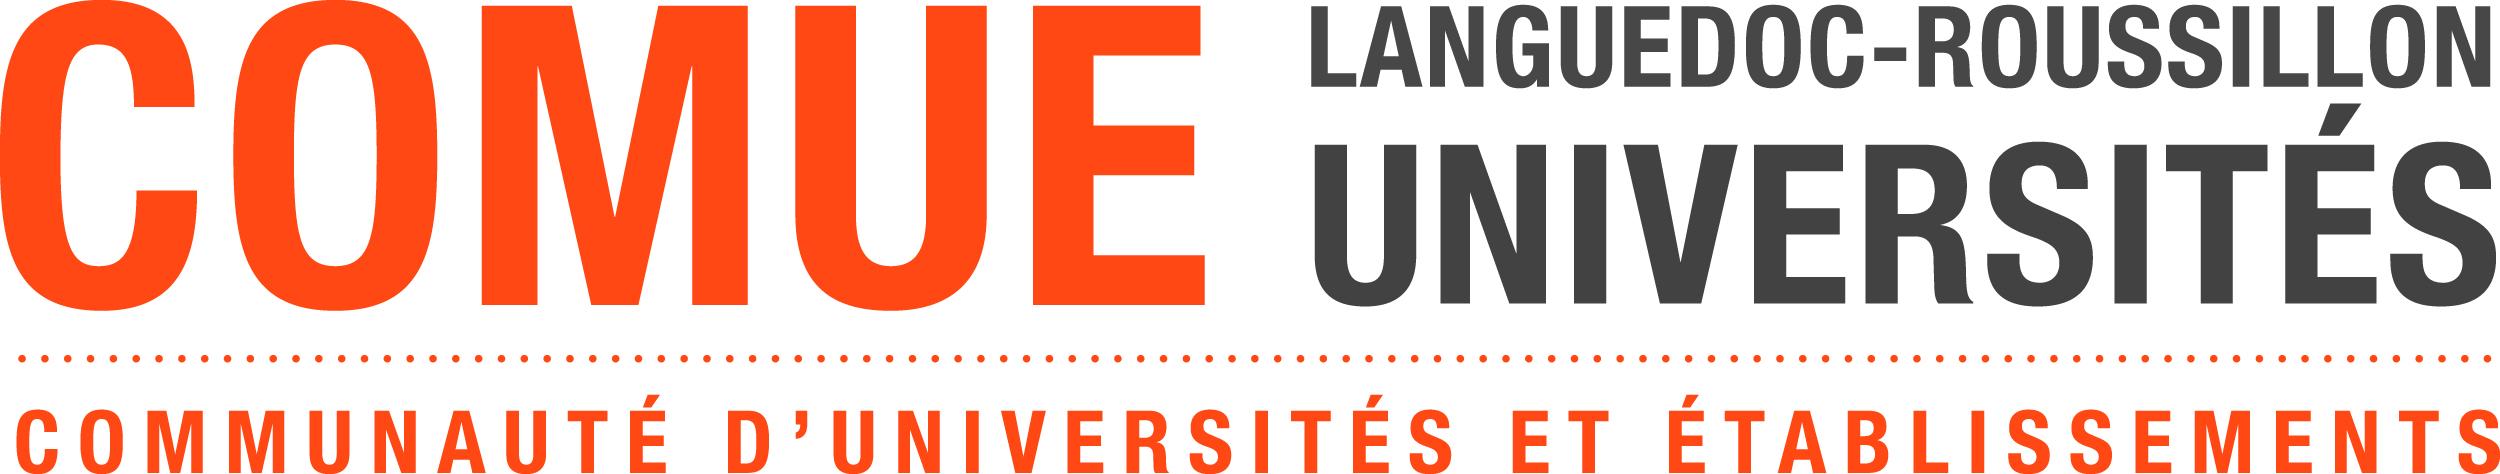 Logo COMUE Languedoc-Roussillon Universités